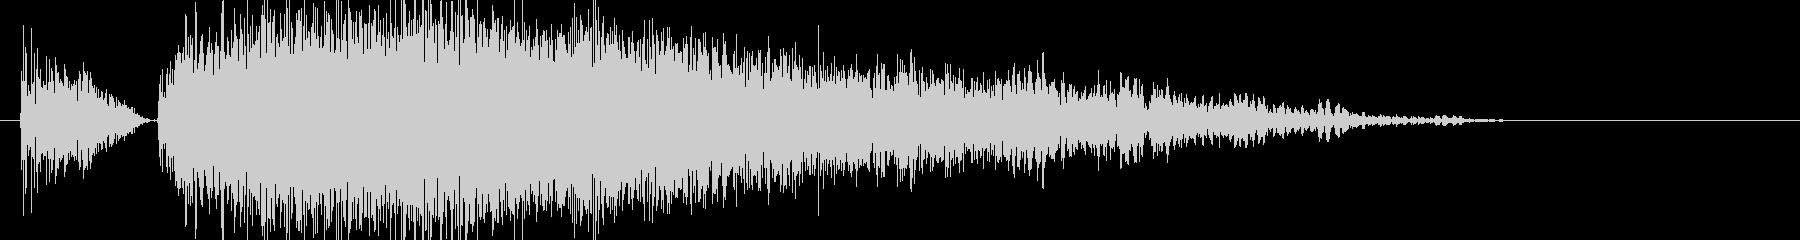 パンチやキック(大打撃、カウンター等)1の未再生の波形